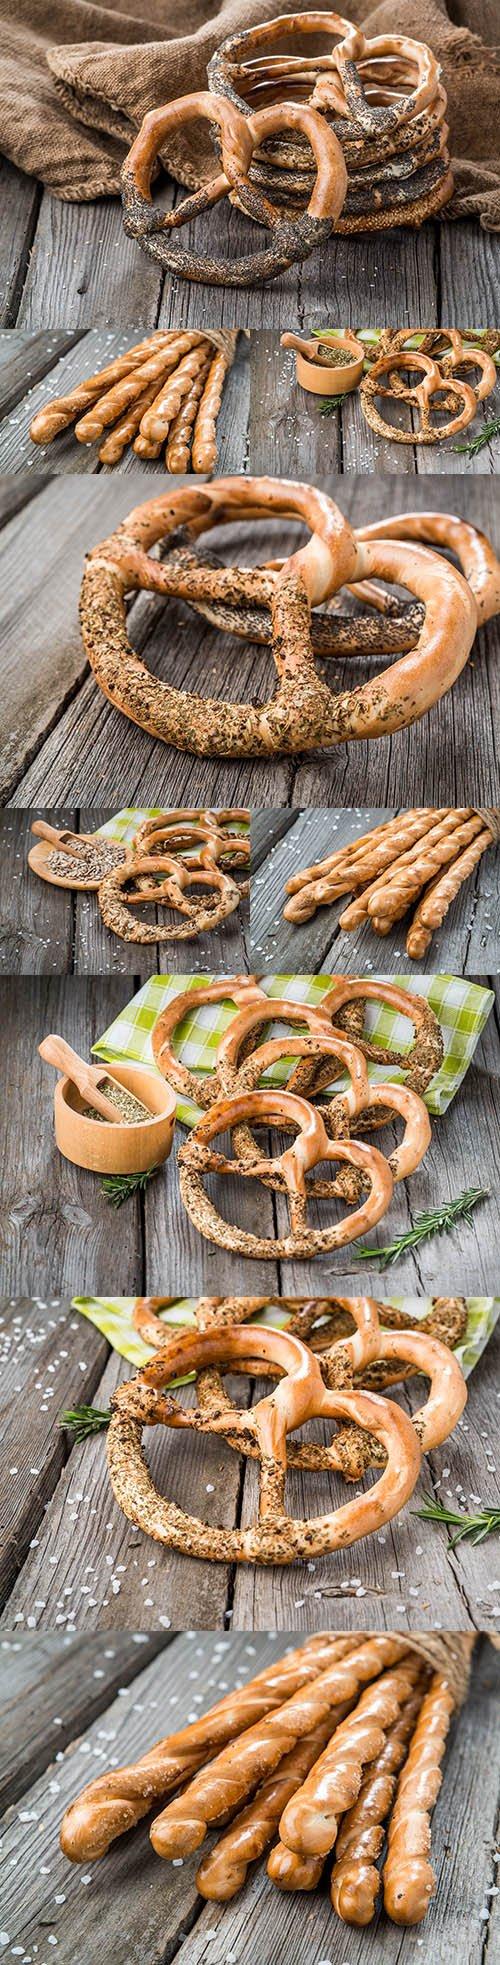 German pretzel and cheese sticks village background